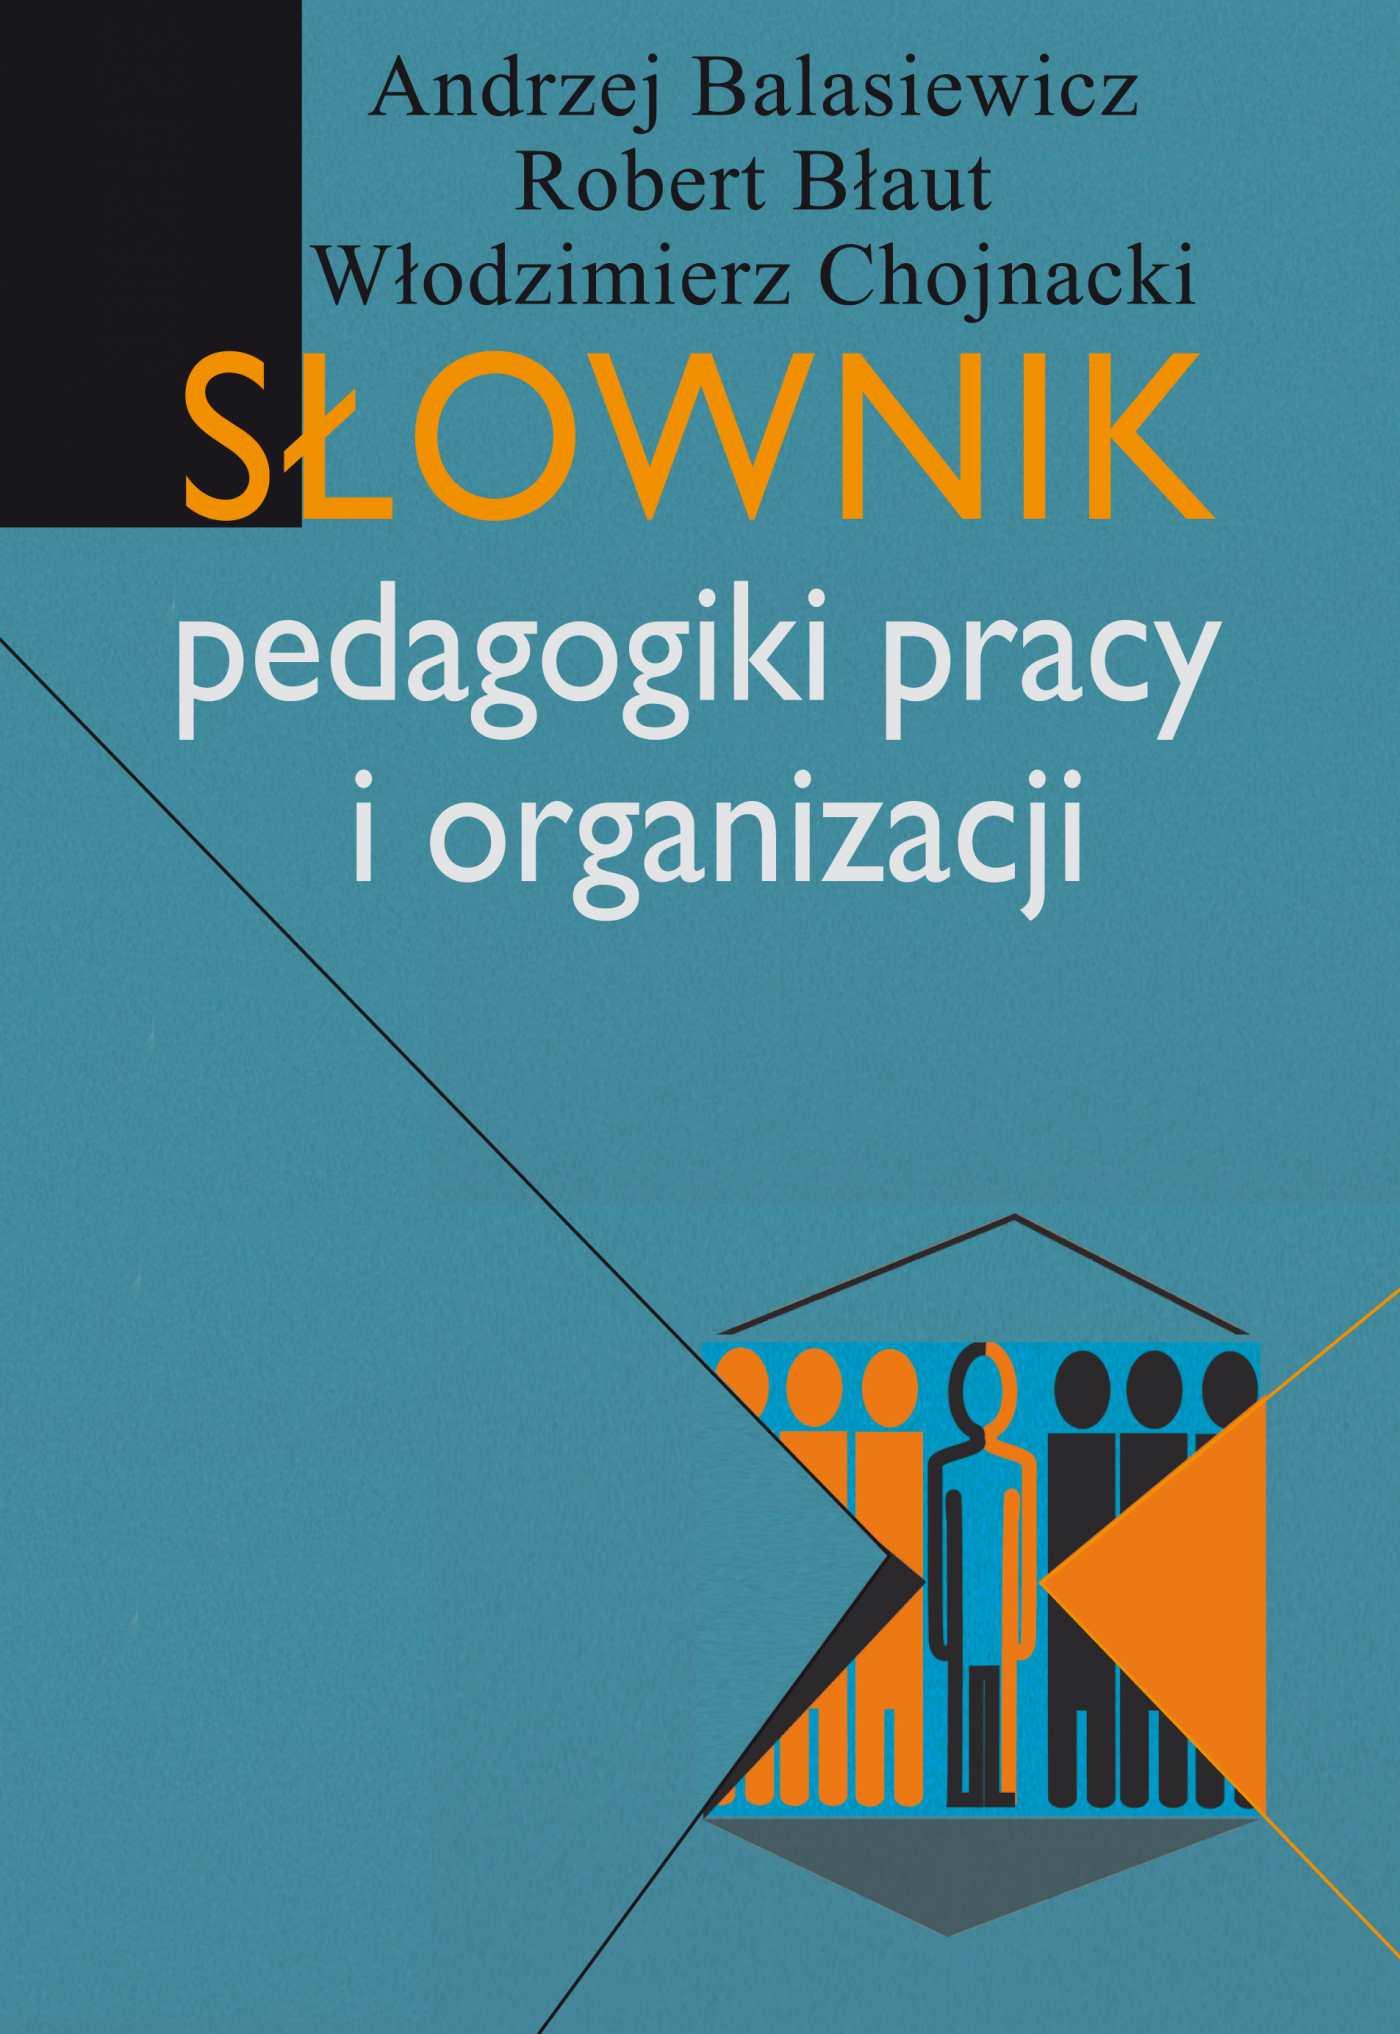 Słownik pedagogiki pracy i organizacji - Ebook (Książka PDF) do pobrania w formacie PDF